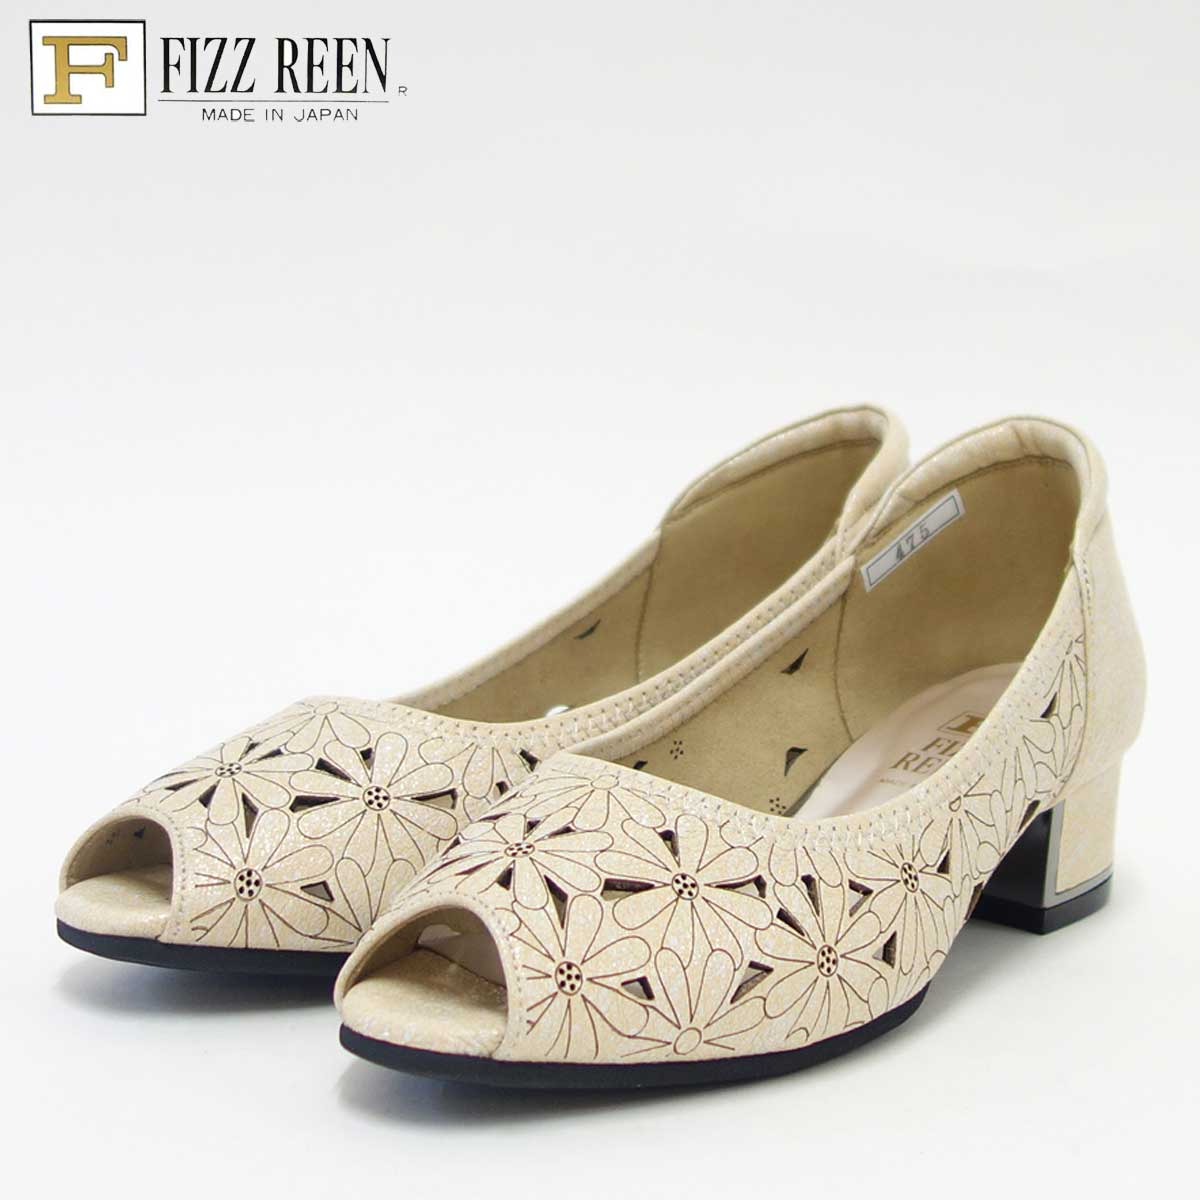 FIZZ REEN フィズリーン 475 ベージュ(レディース)快適EEEのオープントゥパンプス(日本製)「靴」